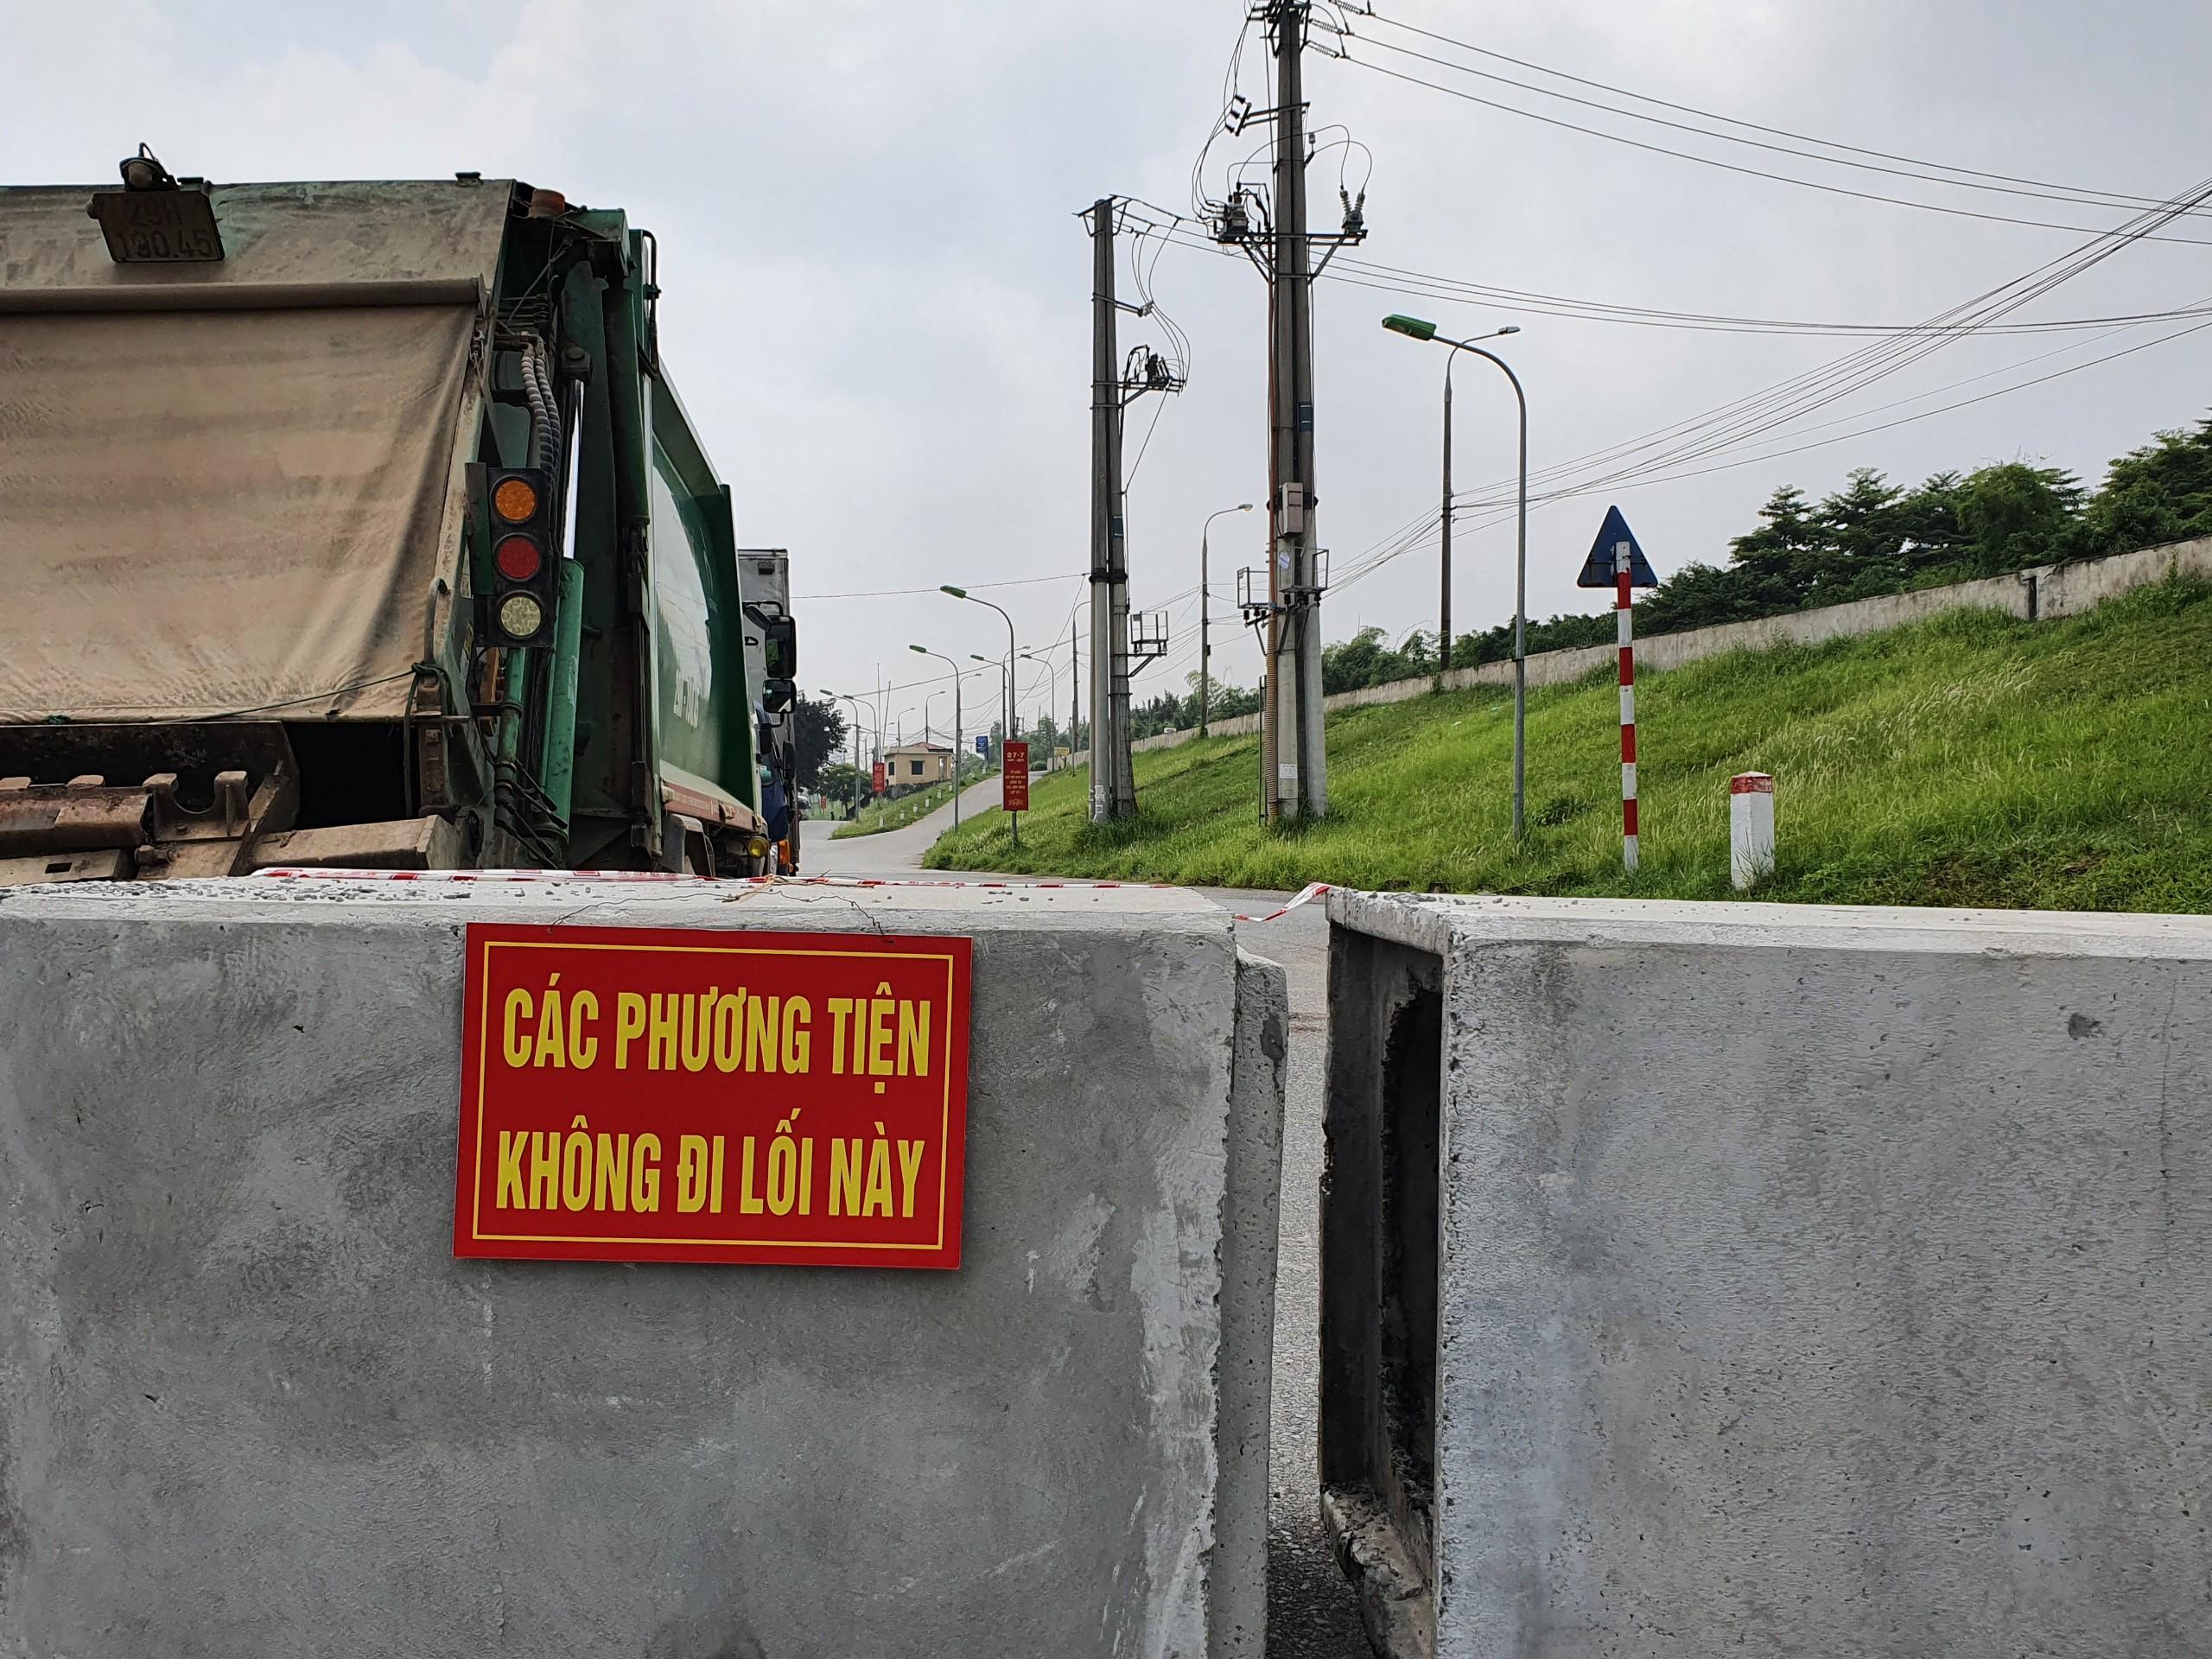 Ghi nhận của PV Đại Đoàn Kết Online, nhiều con đường trên địa bàn phường Long Biên, phường Thạch Bàn (Quận Long Biên, Hà Nội) đã được chặn đứng nhằm ngăn không cho người dân di chuyển.